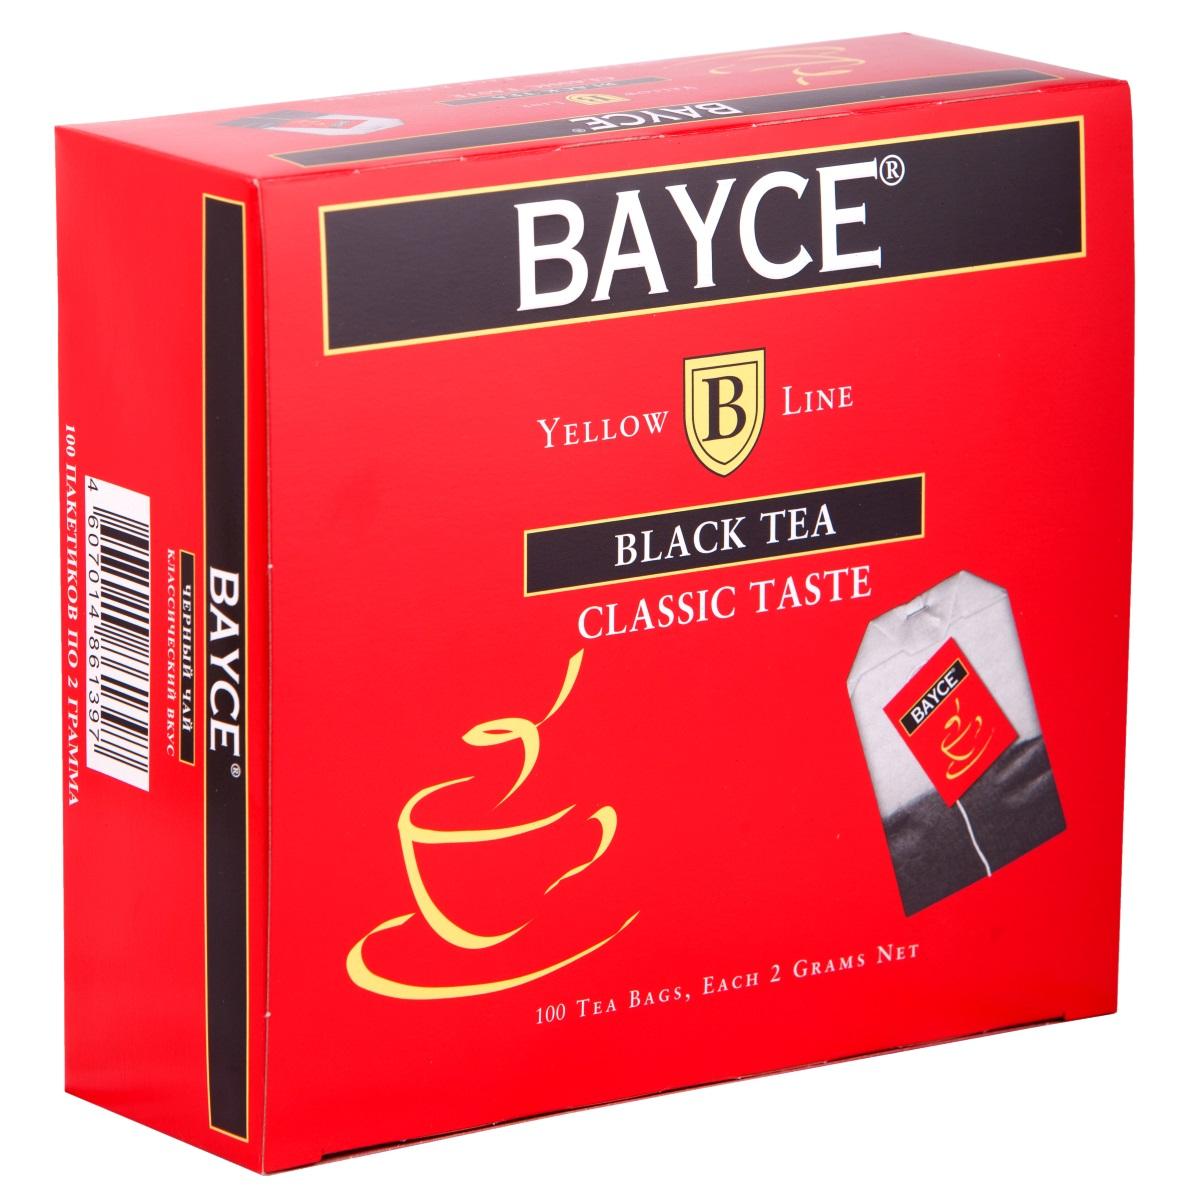 Bayce Классический вкус черный чай в пакетиках, 100 шт4607014861397Bayce Классический вкус - превосходный классический чай, собранный на чайных плантациях Индии, Кении и острова Цейлон. Приятный вкус и целебные свойства делают этот сорт особенно привлекательным.